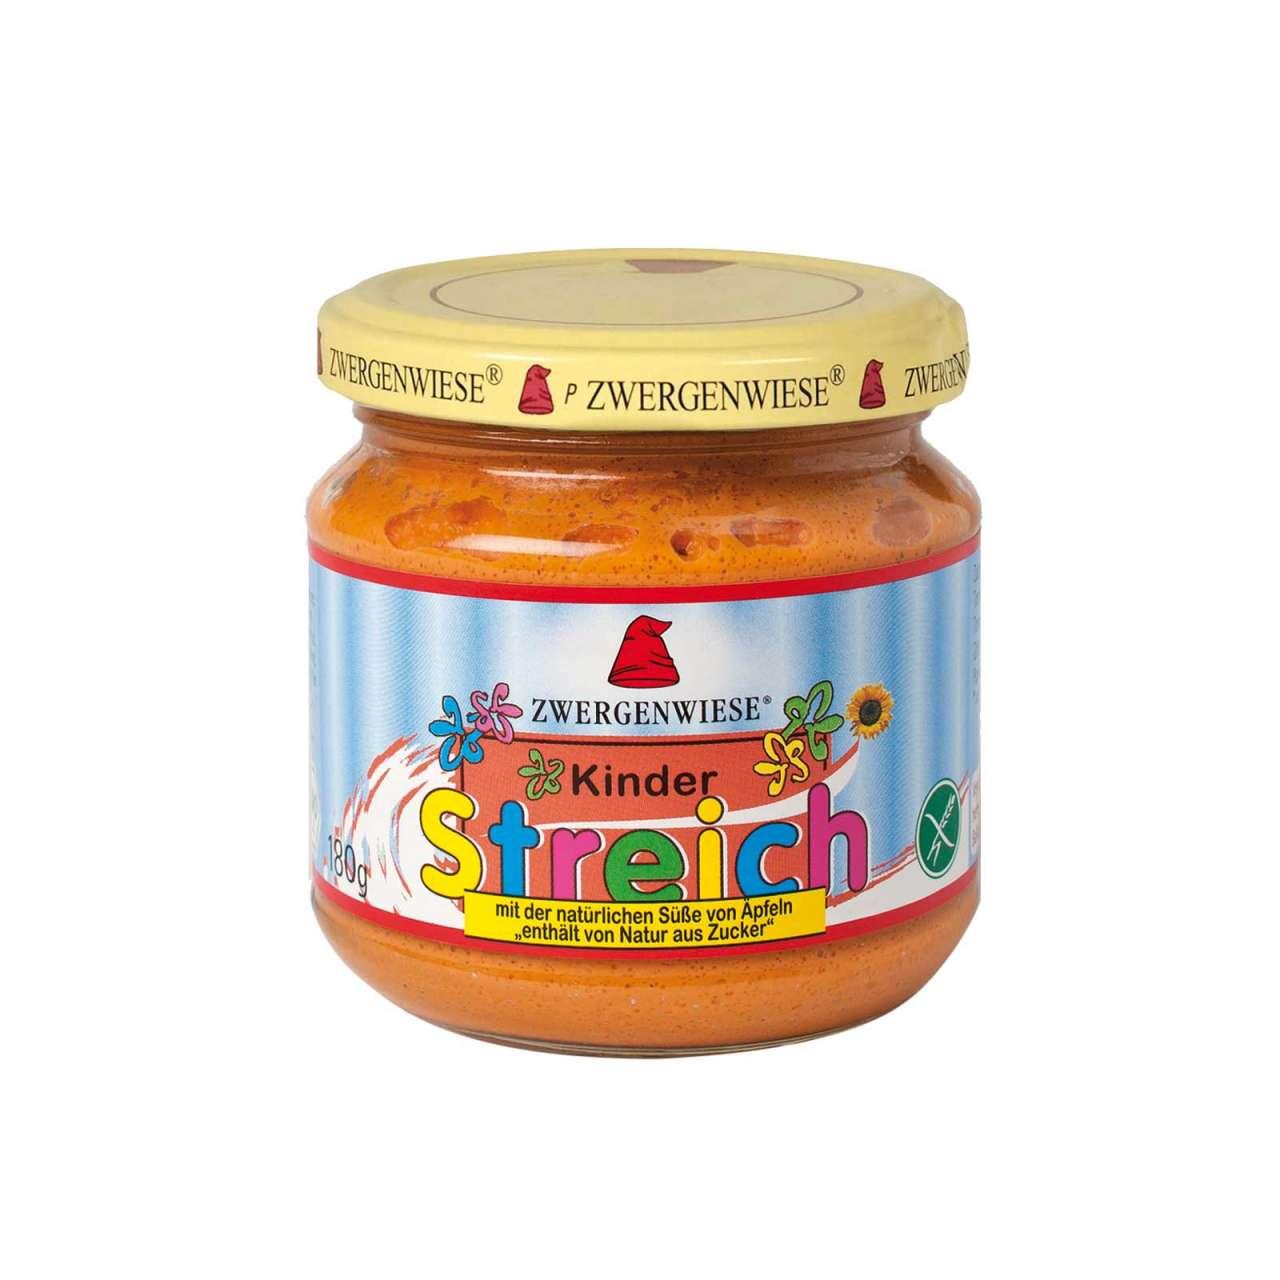 Angebotsbild für Fruchtig-milder Tomaten Aufstrich ohne Gluten & Zusatzstoffe von PureNature